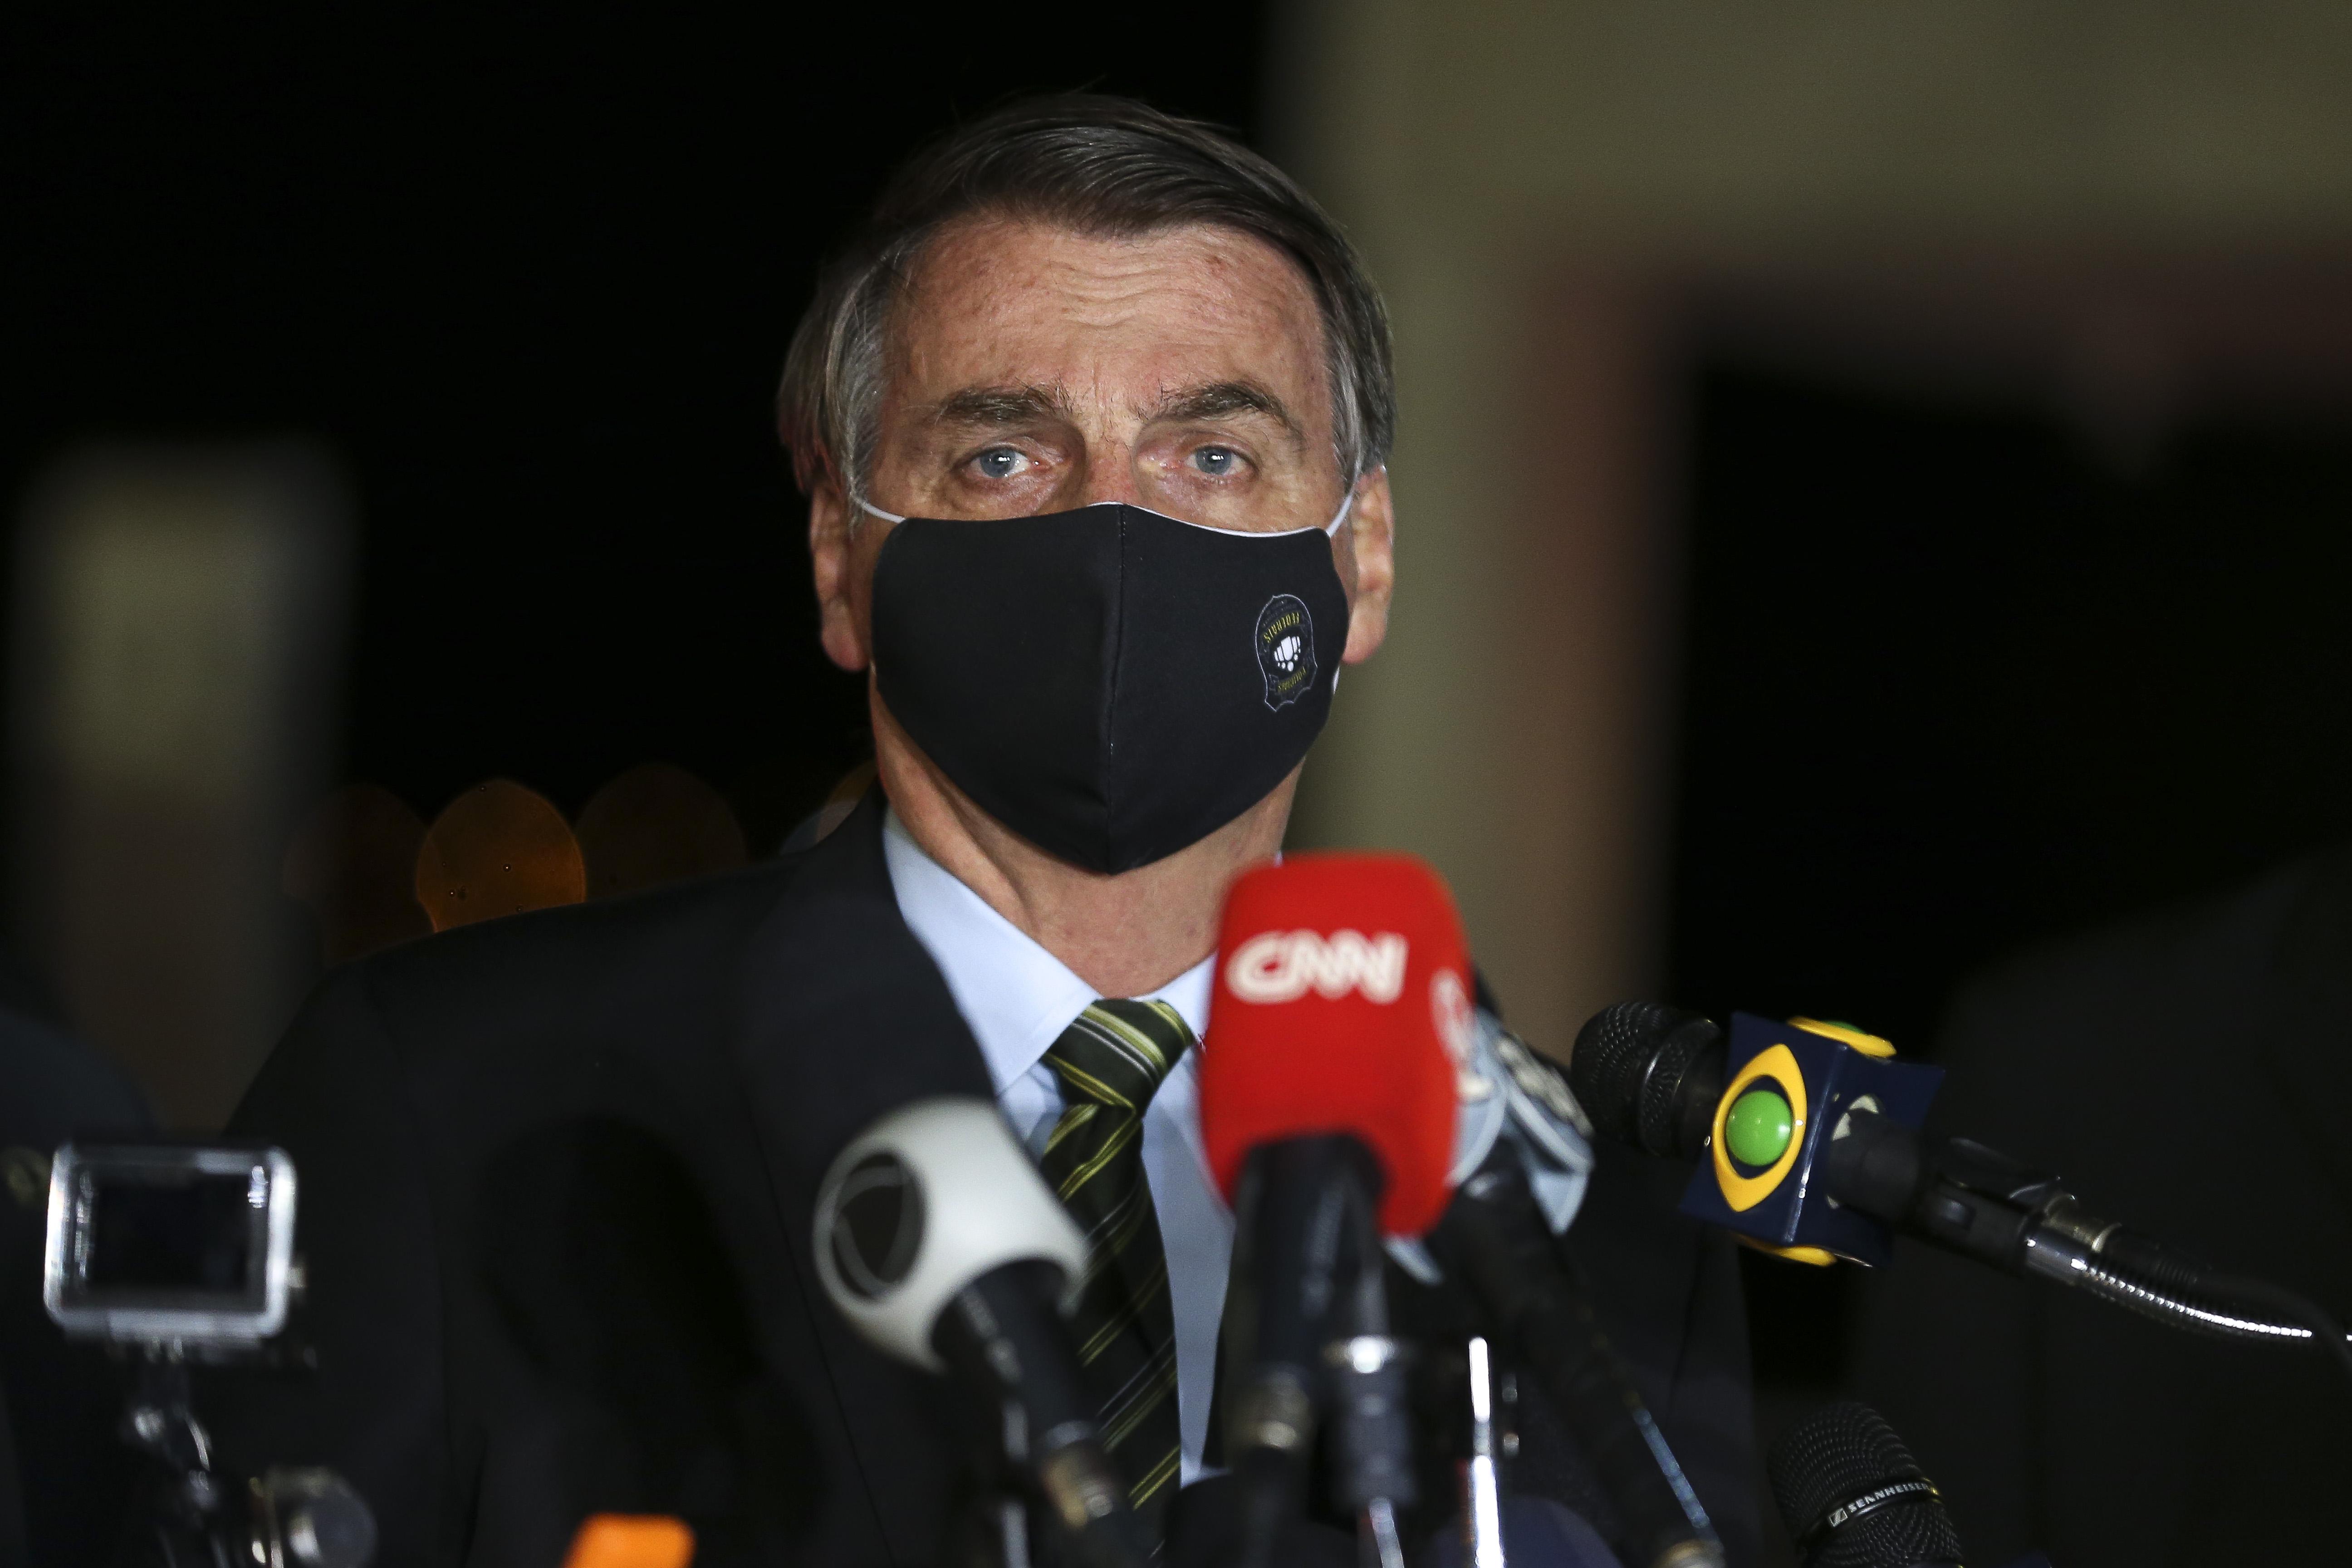 Presidente Jair Bolsonaro em coletiva de imprensa no Palácio da Álvorada. Fonte: Agência Brasil / Reprodução